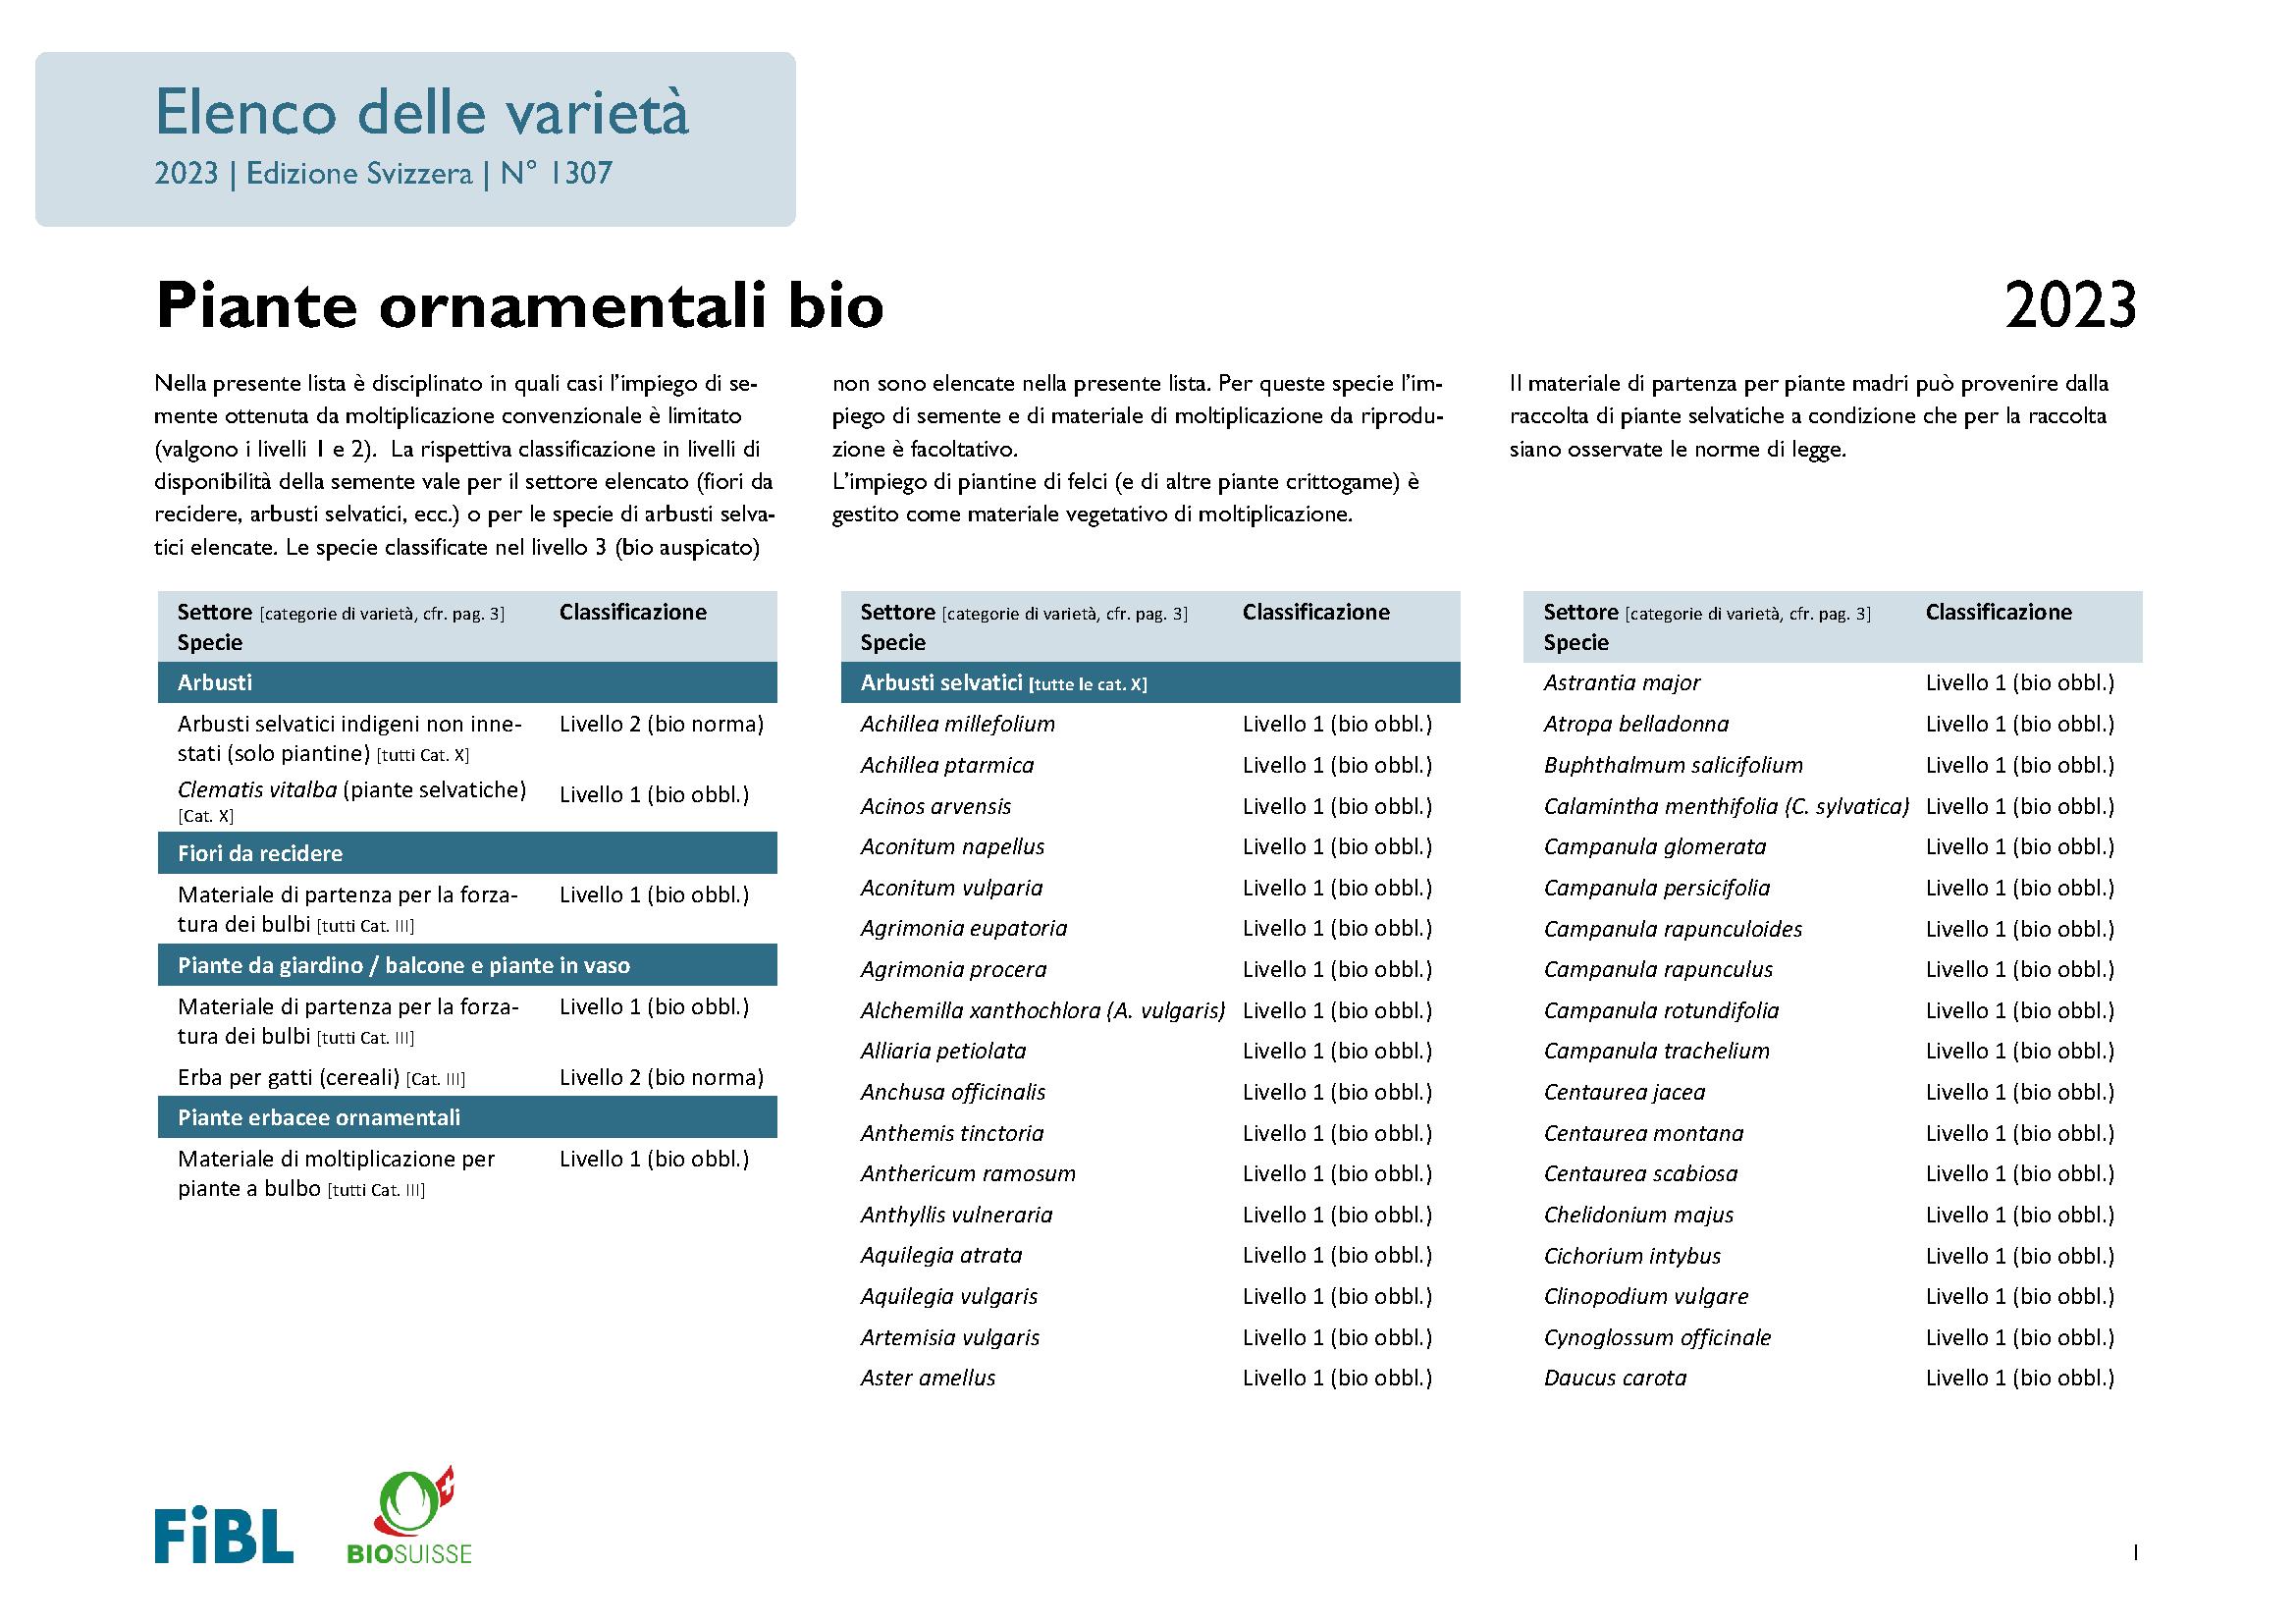 Elenco delle varietà di piante ornamentali